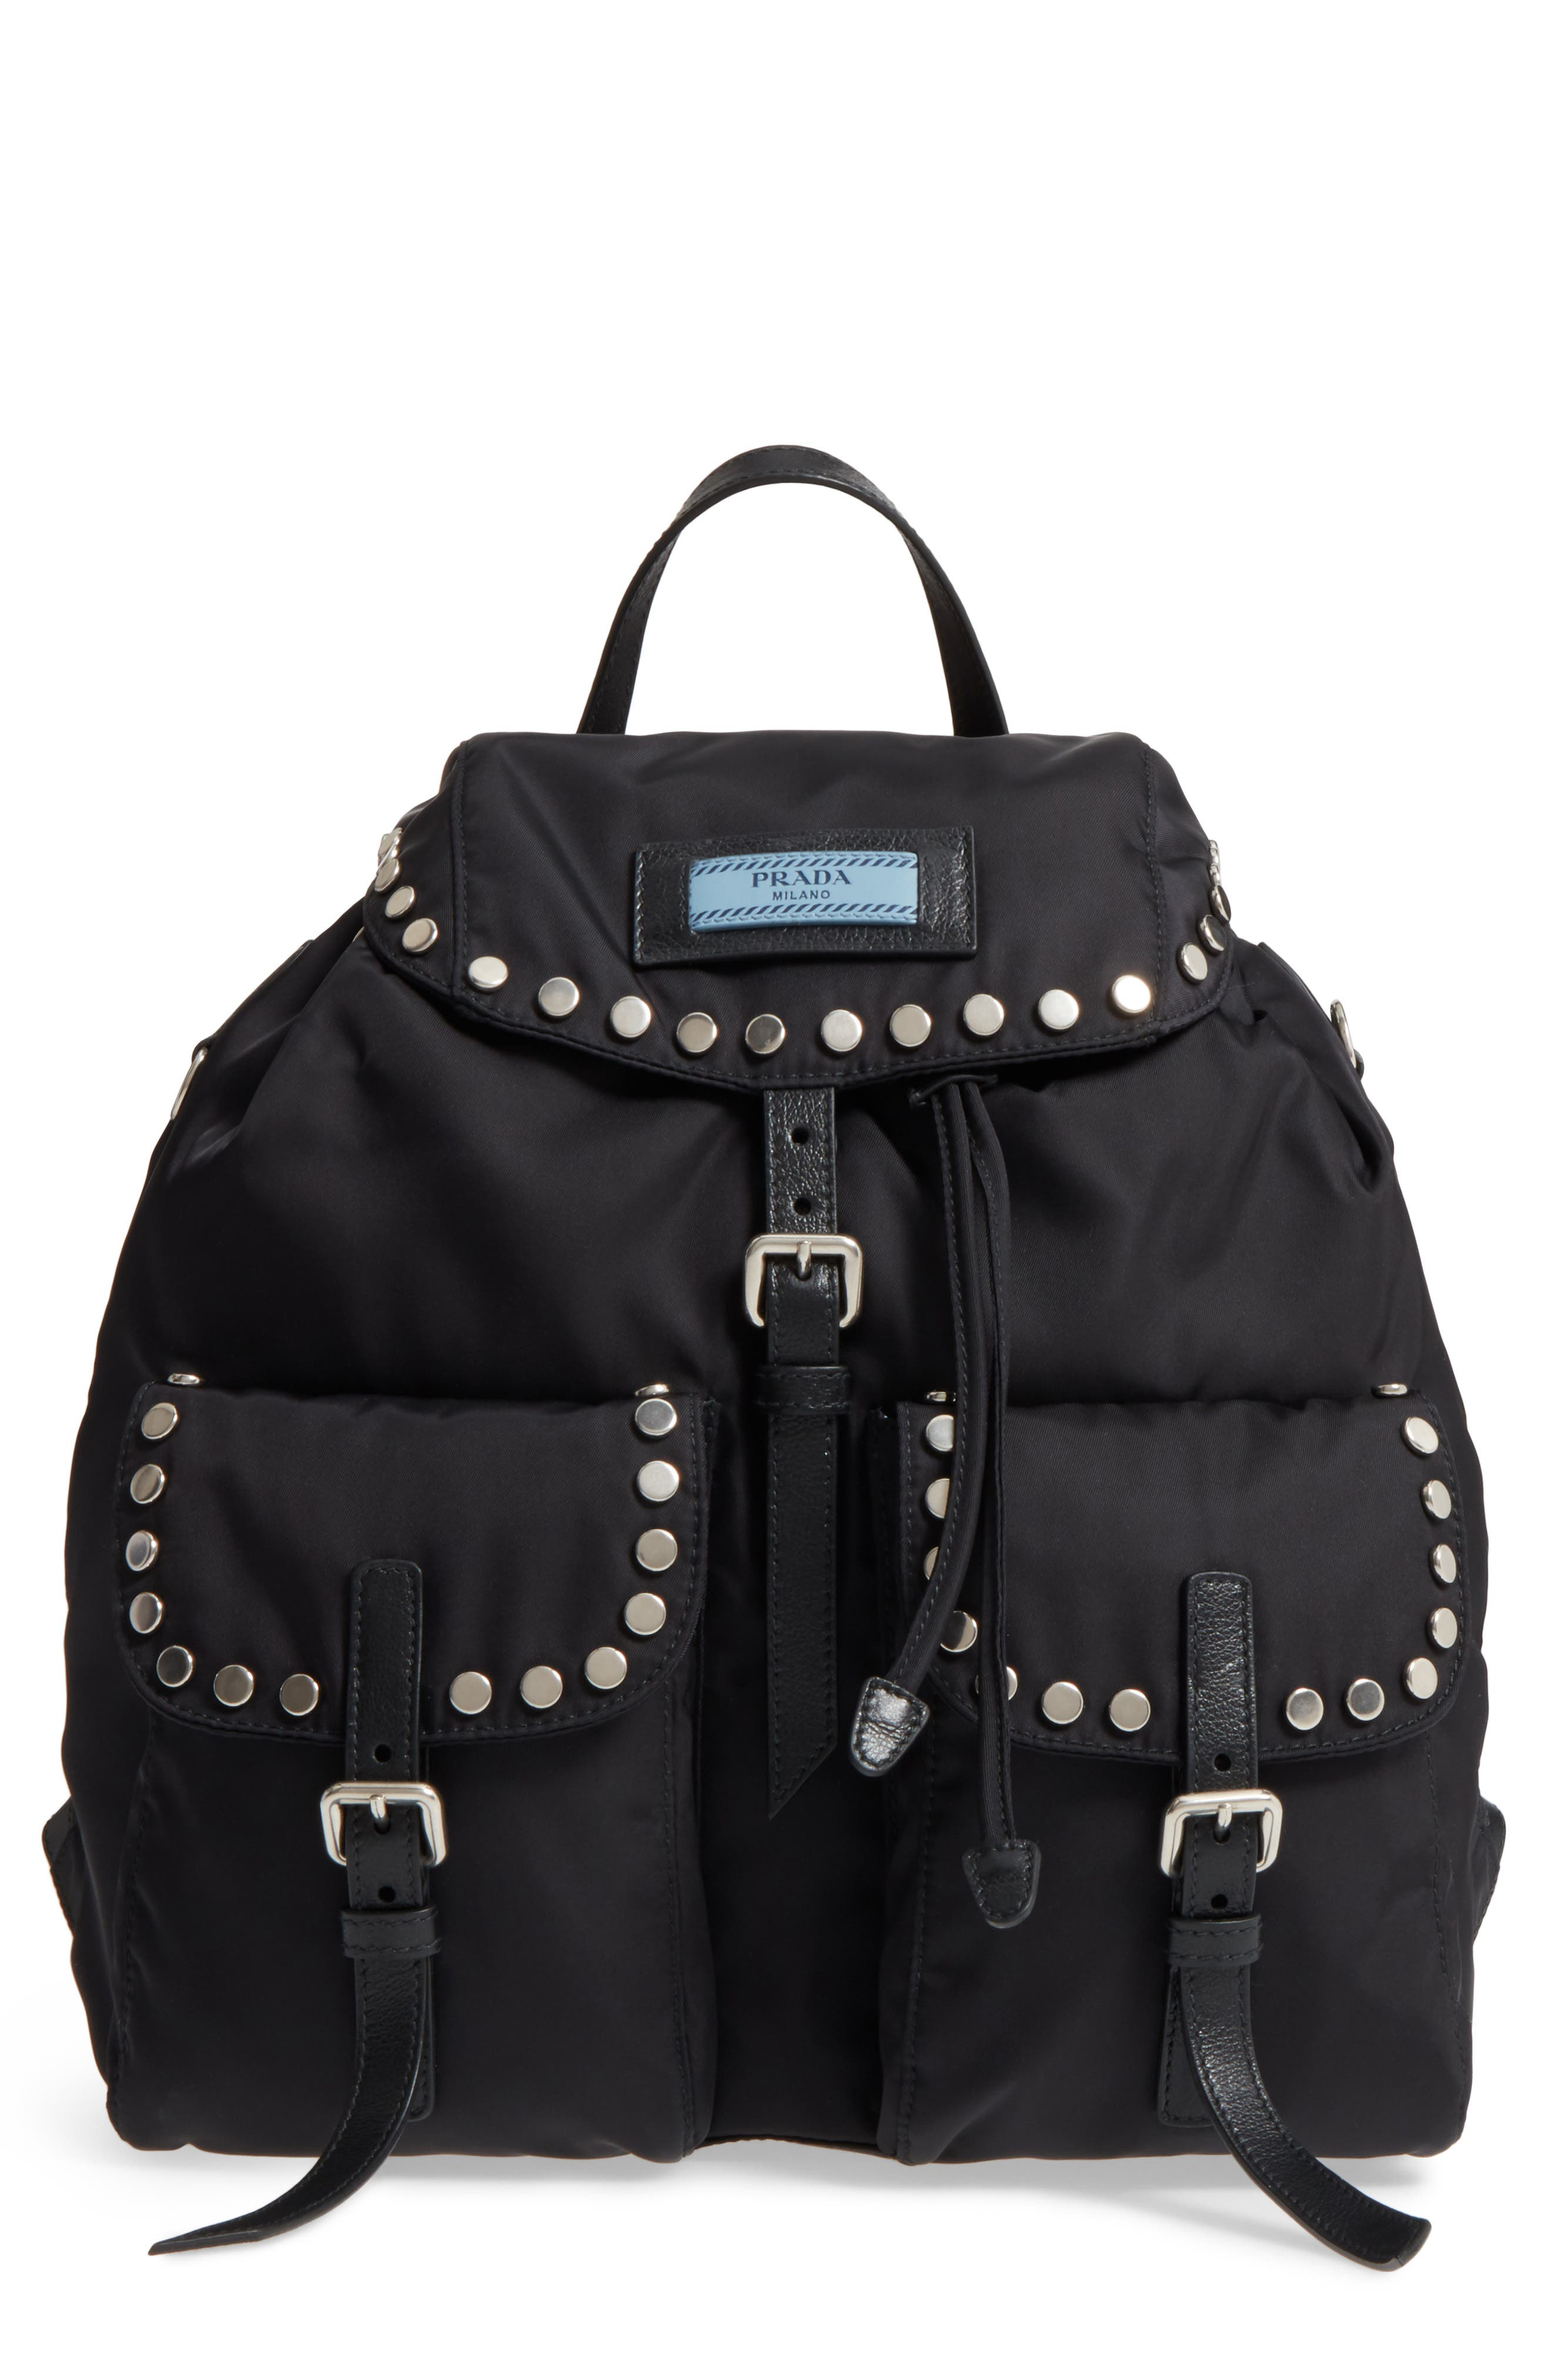 01c8dfcc7be6 ... czech prada tessuto etiquette nylon backpack 352b8 3366b